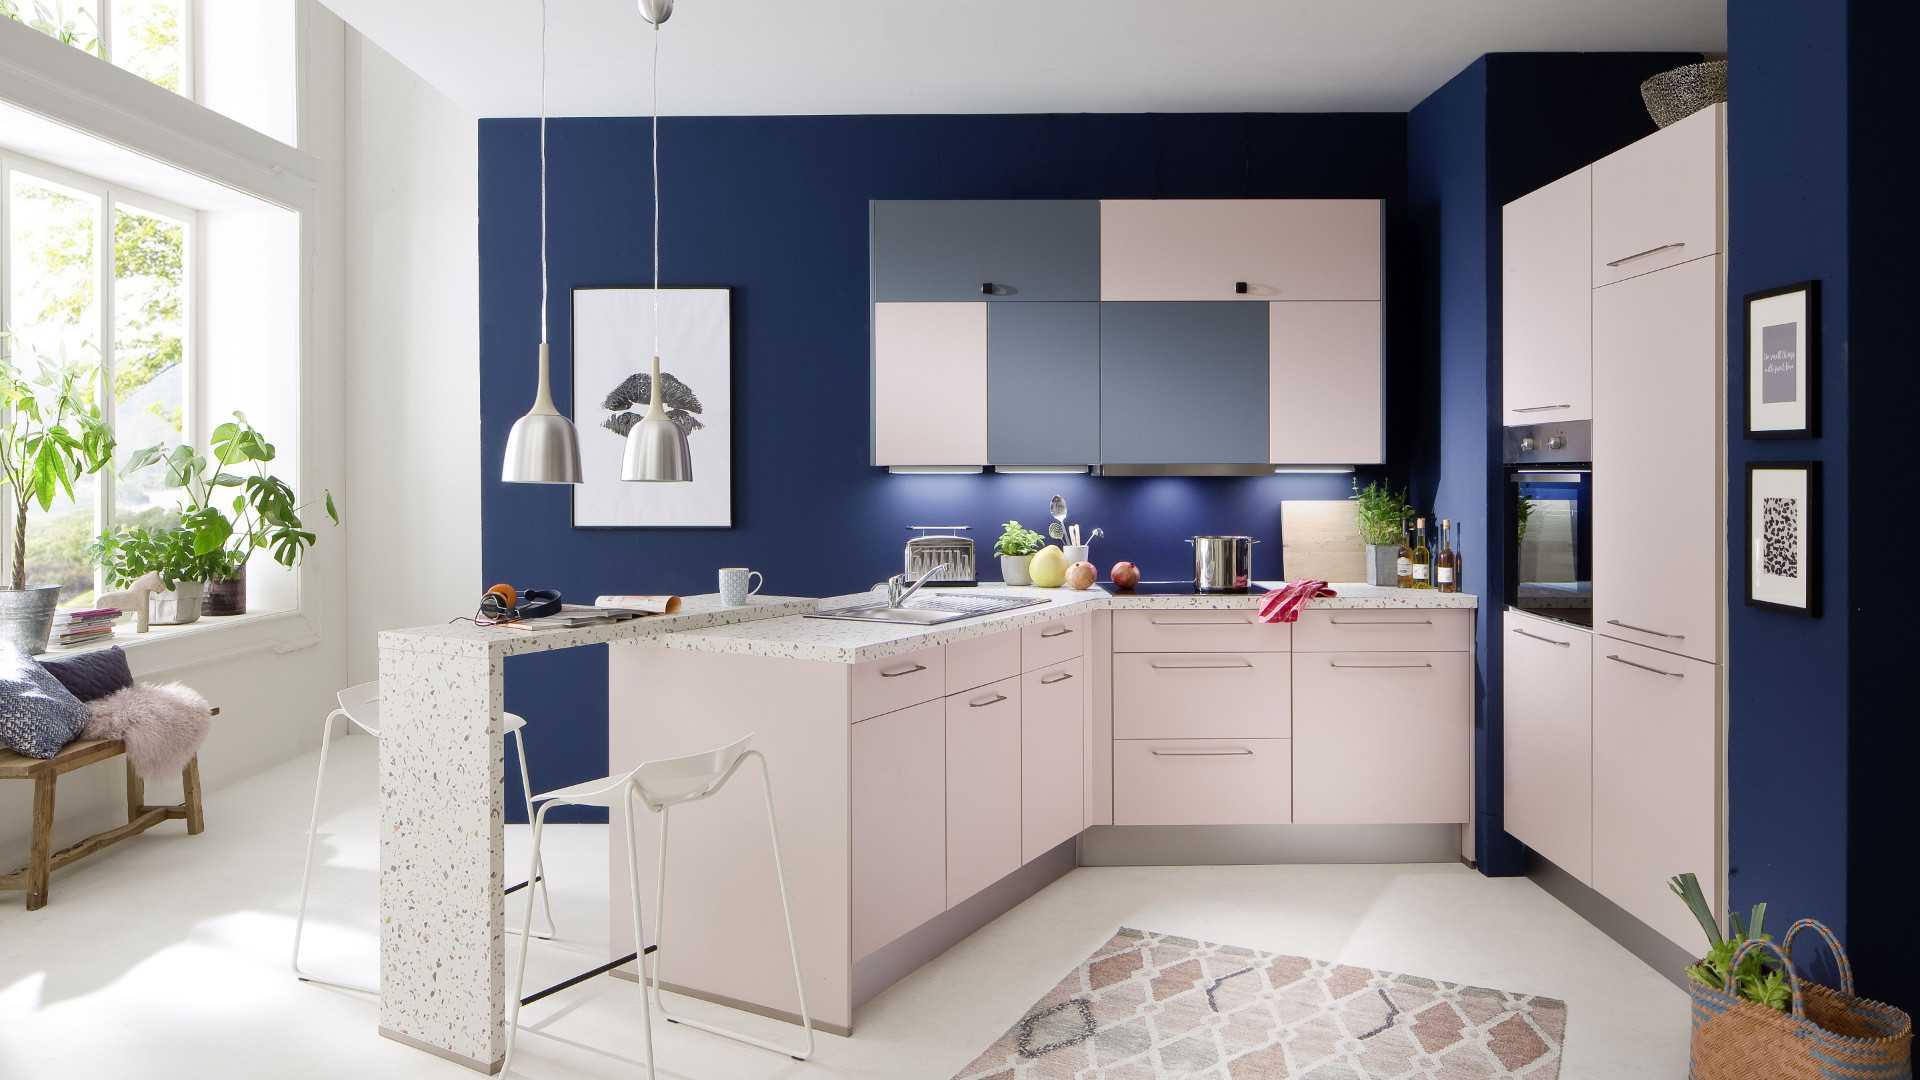 Full Size of Kchen Markt Home Was Kostet Eine Küche Müllsystem Kaufen Ikea Landküche Hochglanz Grau Müllschrank Landhausküche Weiß Teppich Lieferzeit Outdoor Küche Behindertengerechte Küche